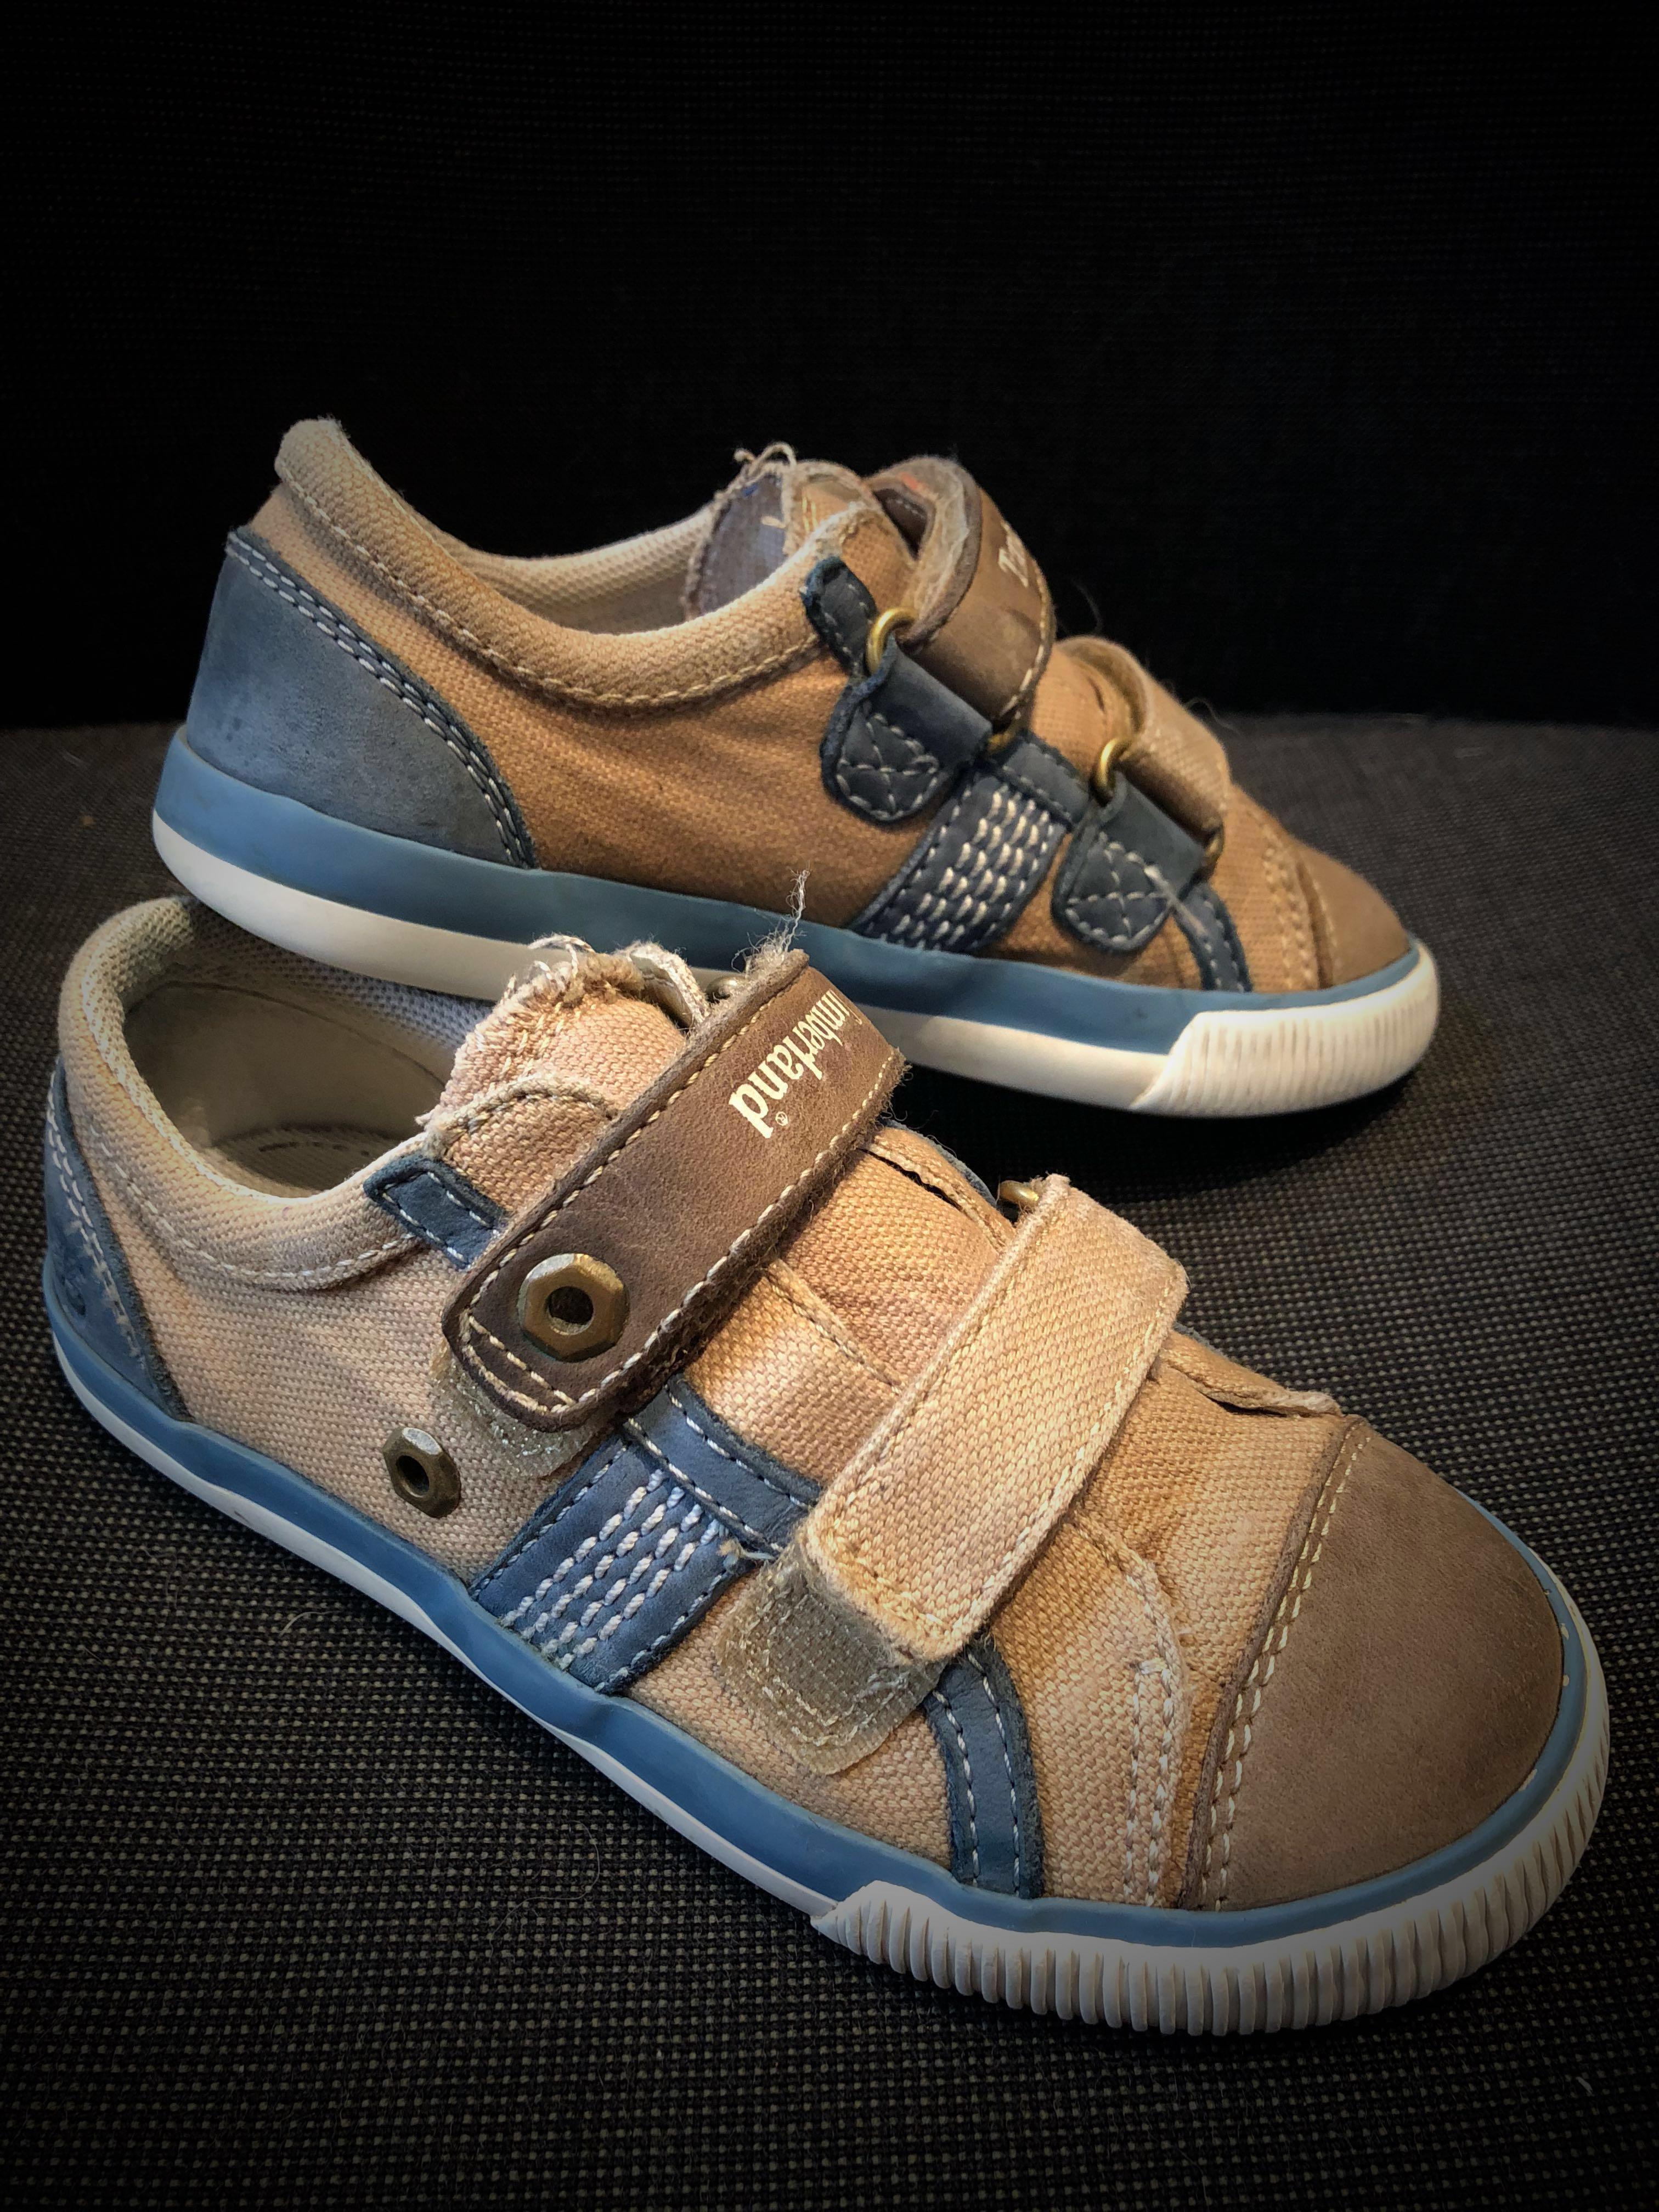 Timberland kid shoes, Babies \u0026 Kids